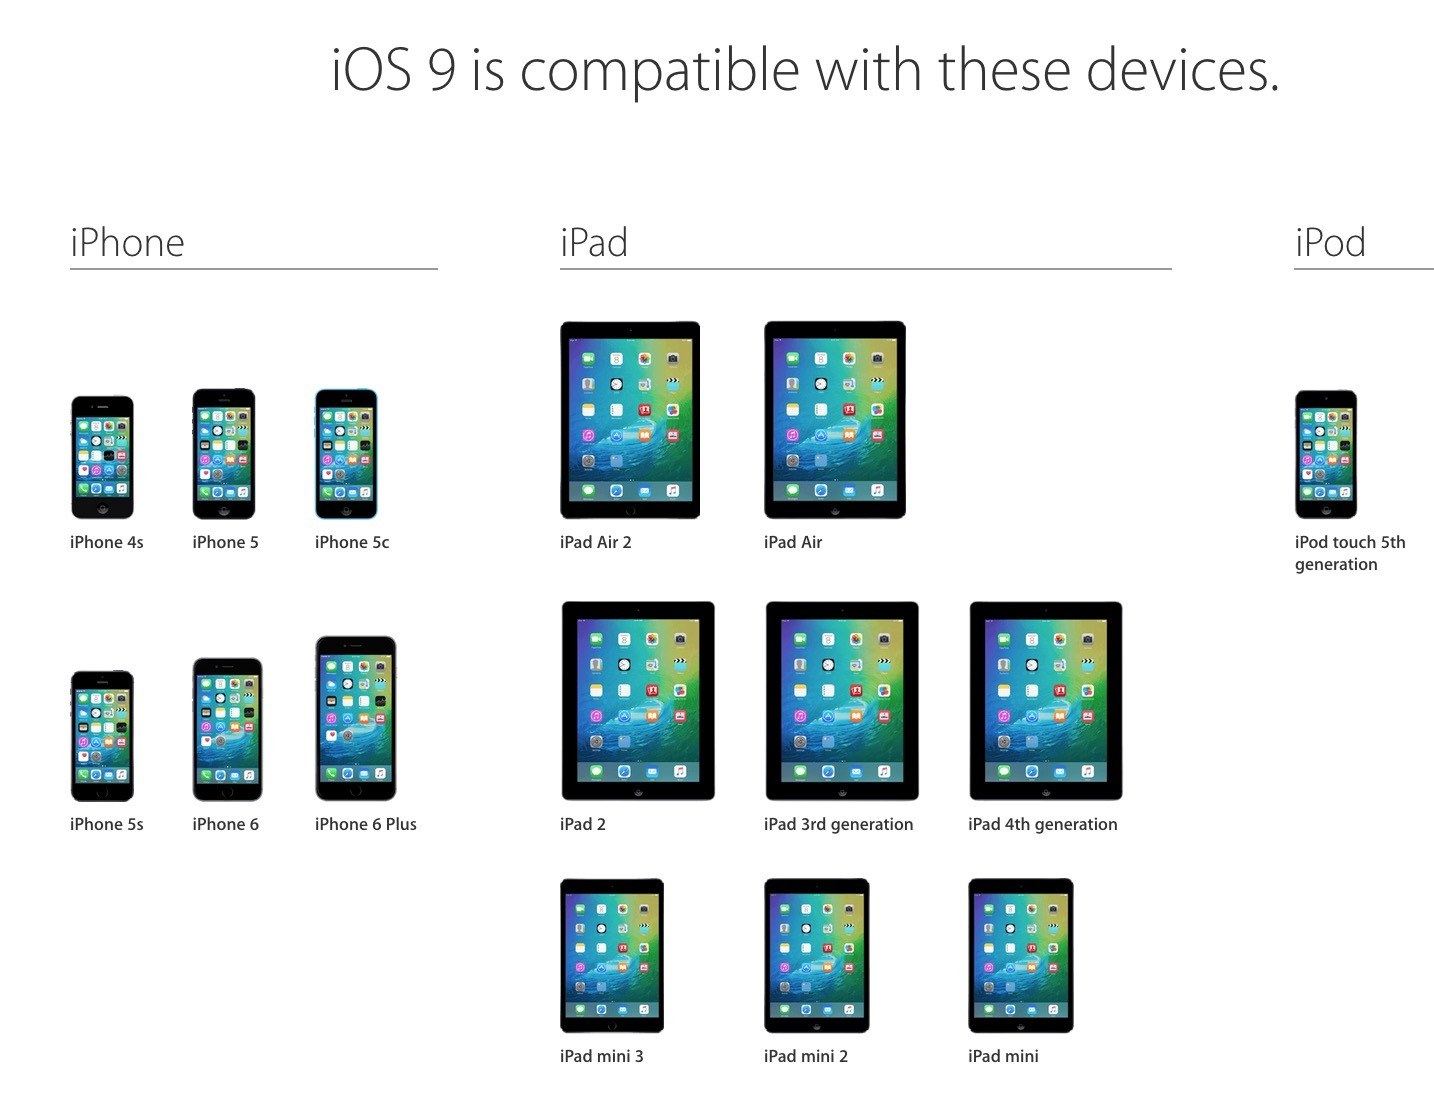 Tabella di compatibilità del dispositivo iOS 9